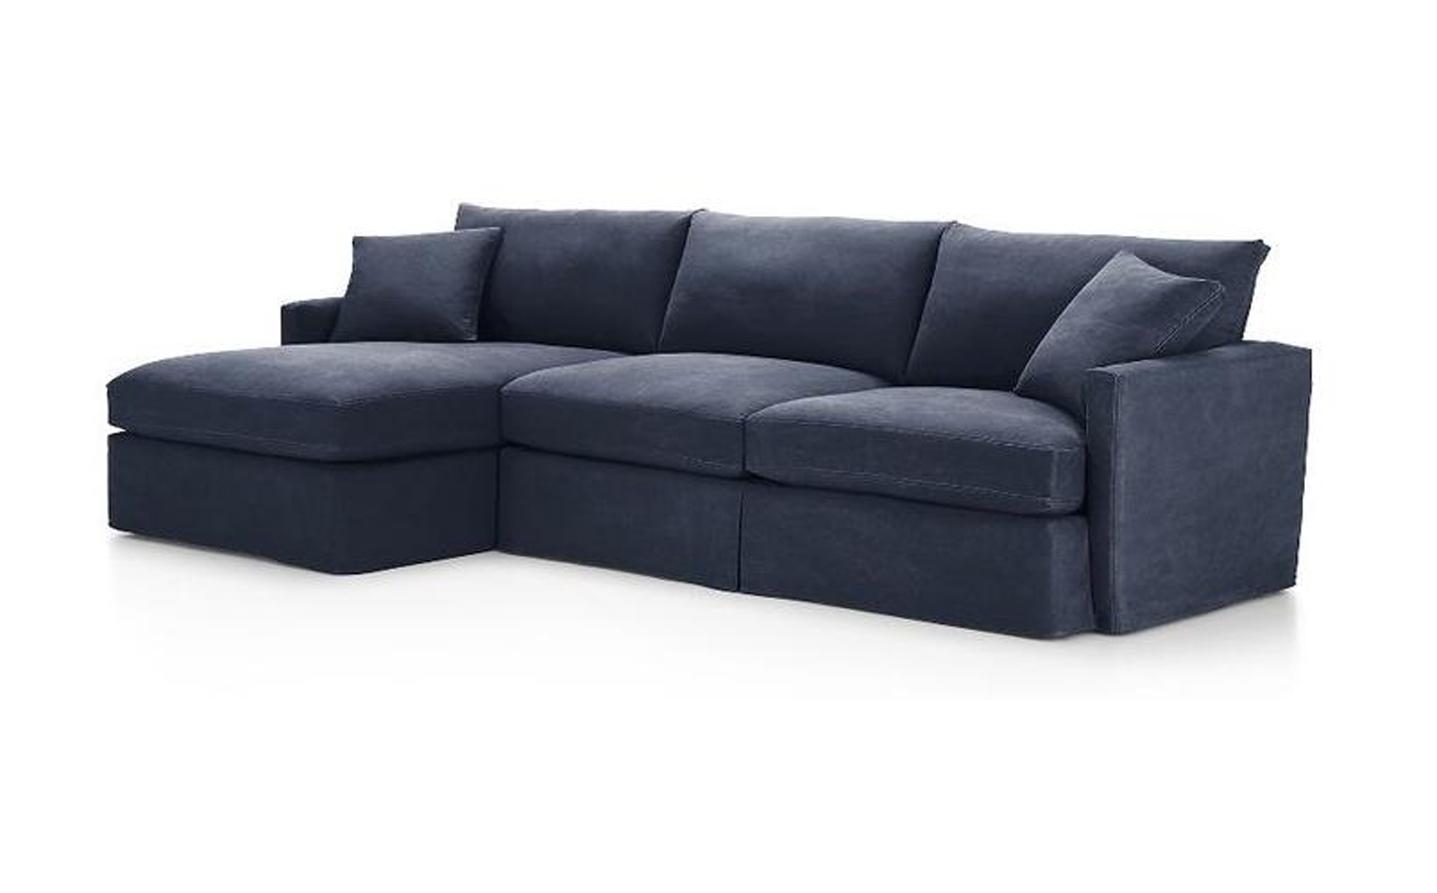 Угловой диван Марсия с оттоманкой — Угловой диван Марсия